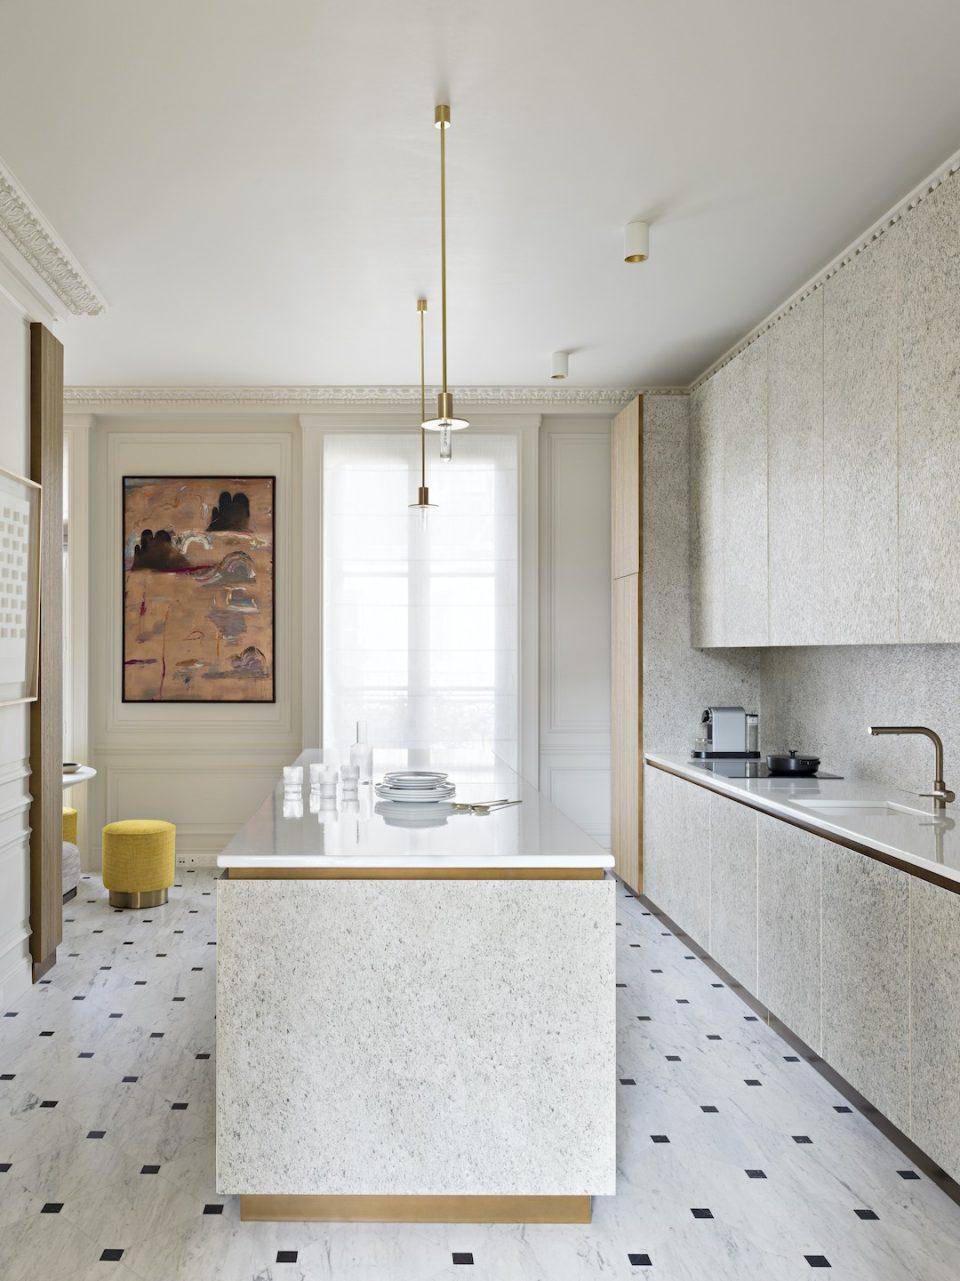 Feuille de pierre 100% naturelle StoneLeaf modèle Oslo sur les murs, crédence et meubles de cuisine